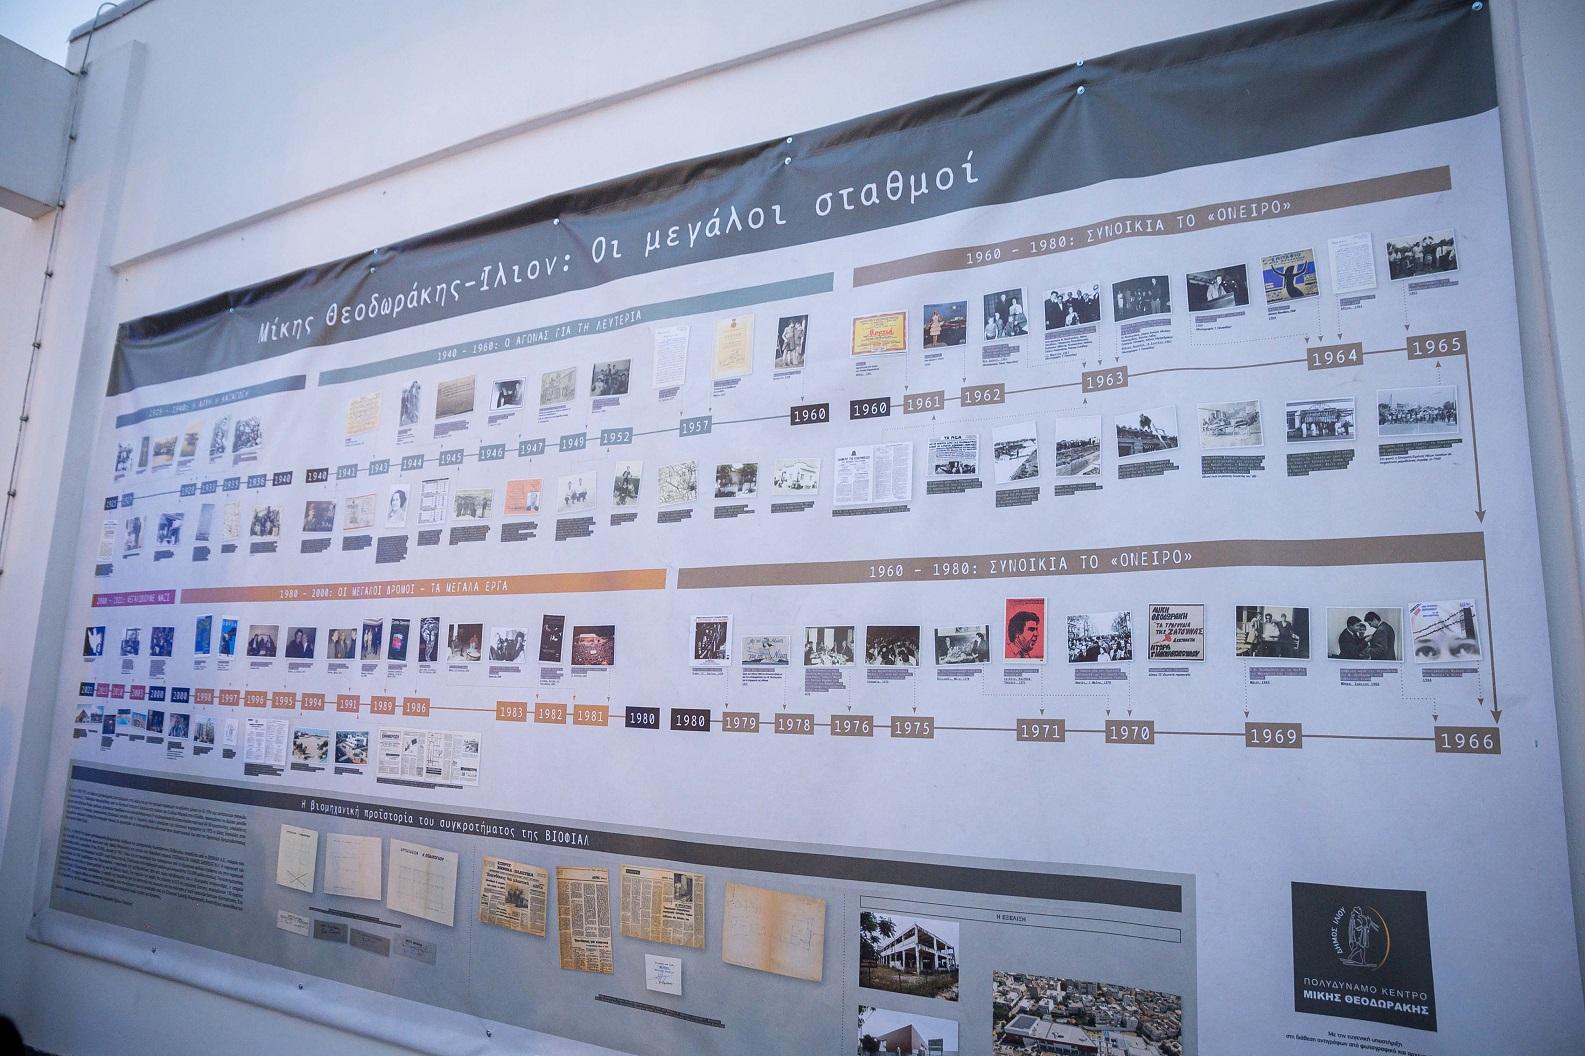 Δήμου Ιλίου: Συγκίνηση, ιστορικές στιγμές και αγαπημένοι ήχοι στην επίσημη ονοματοδοσία του Πολυδύναμου Κέντρου «Μίκης Θεοδωράκης» (φωτο)